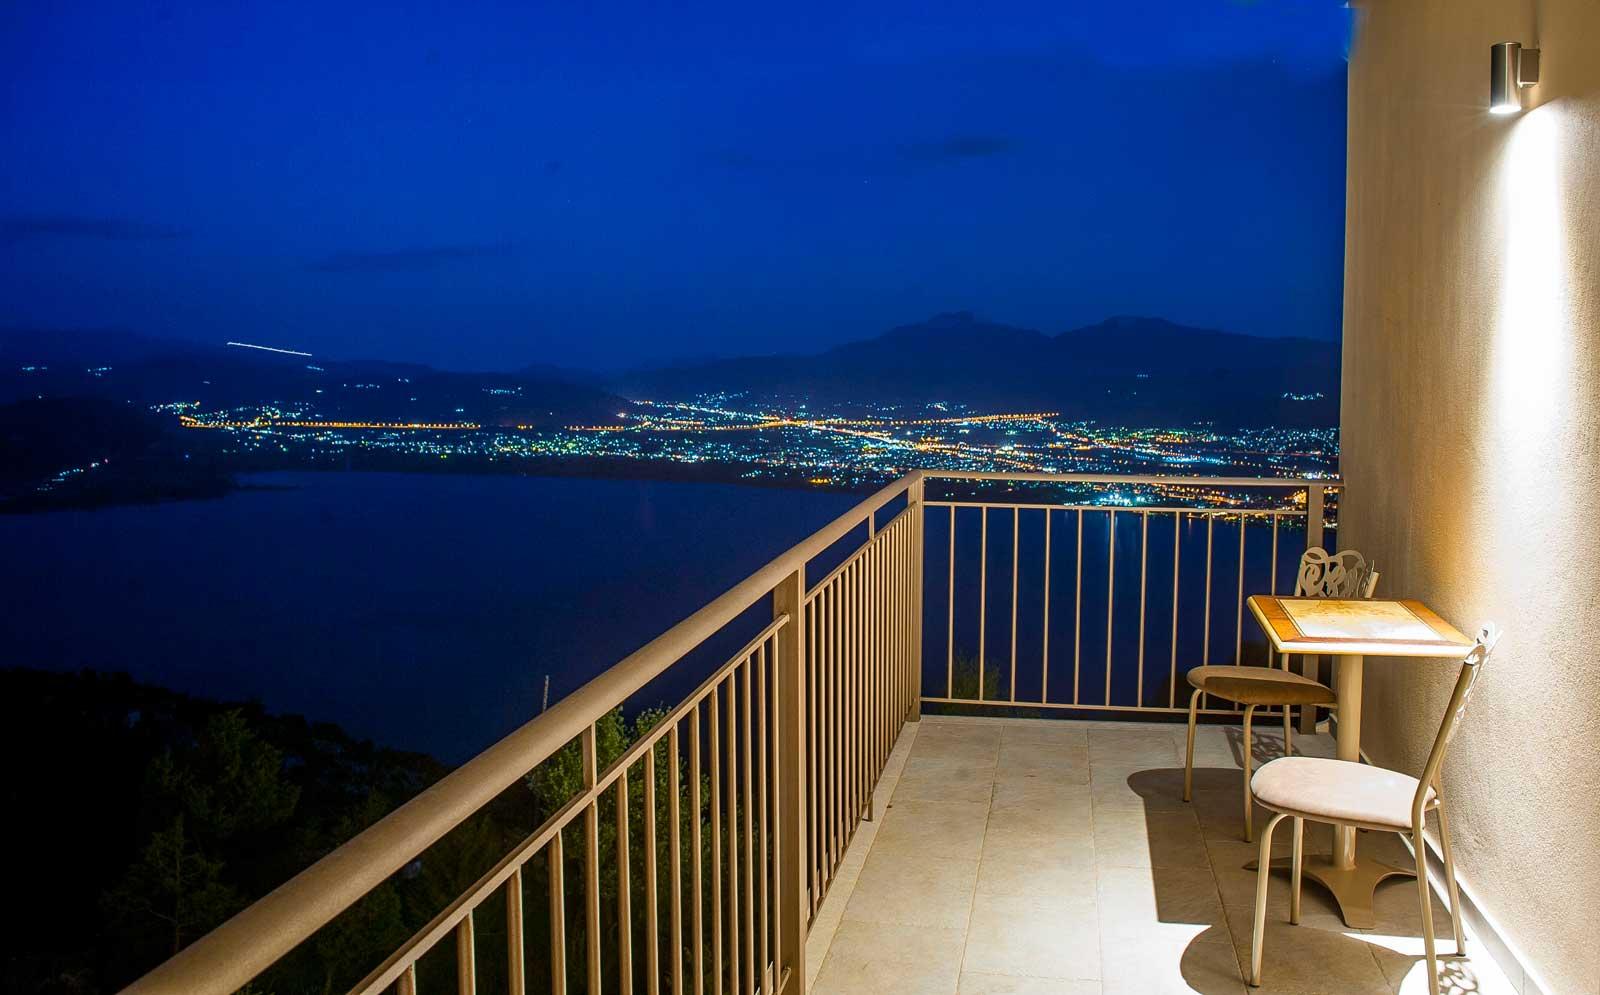 Красивые картинки ночной город вид с балкона